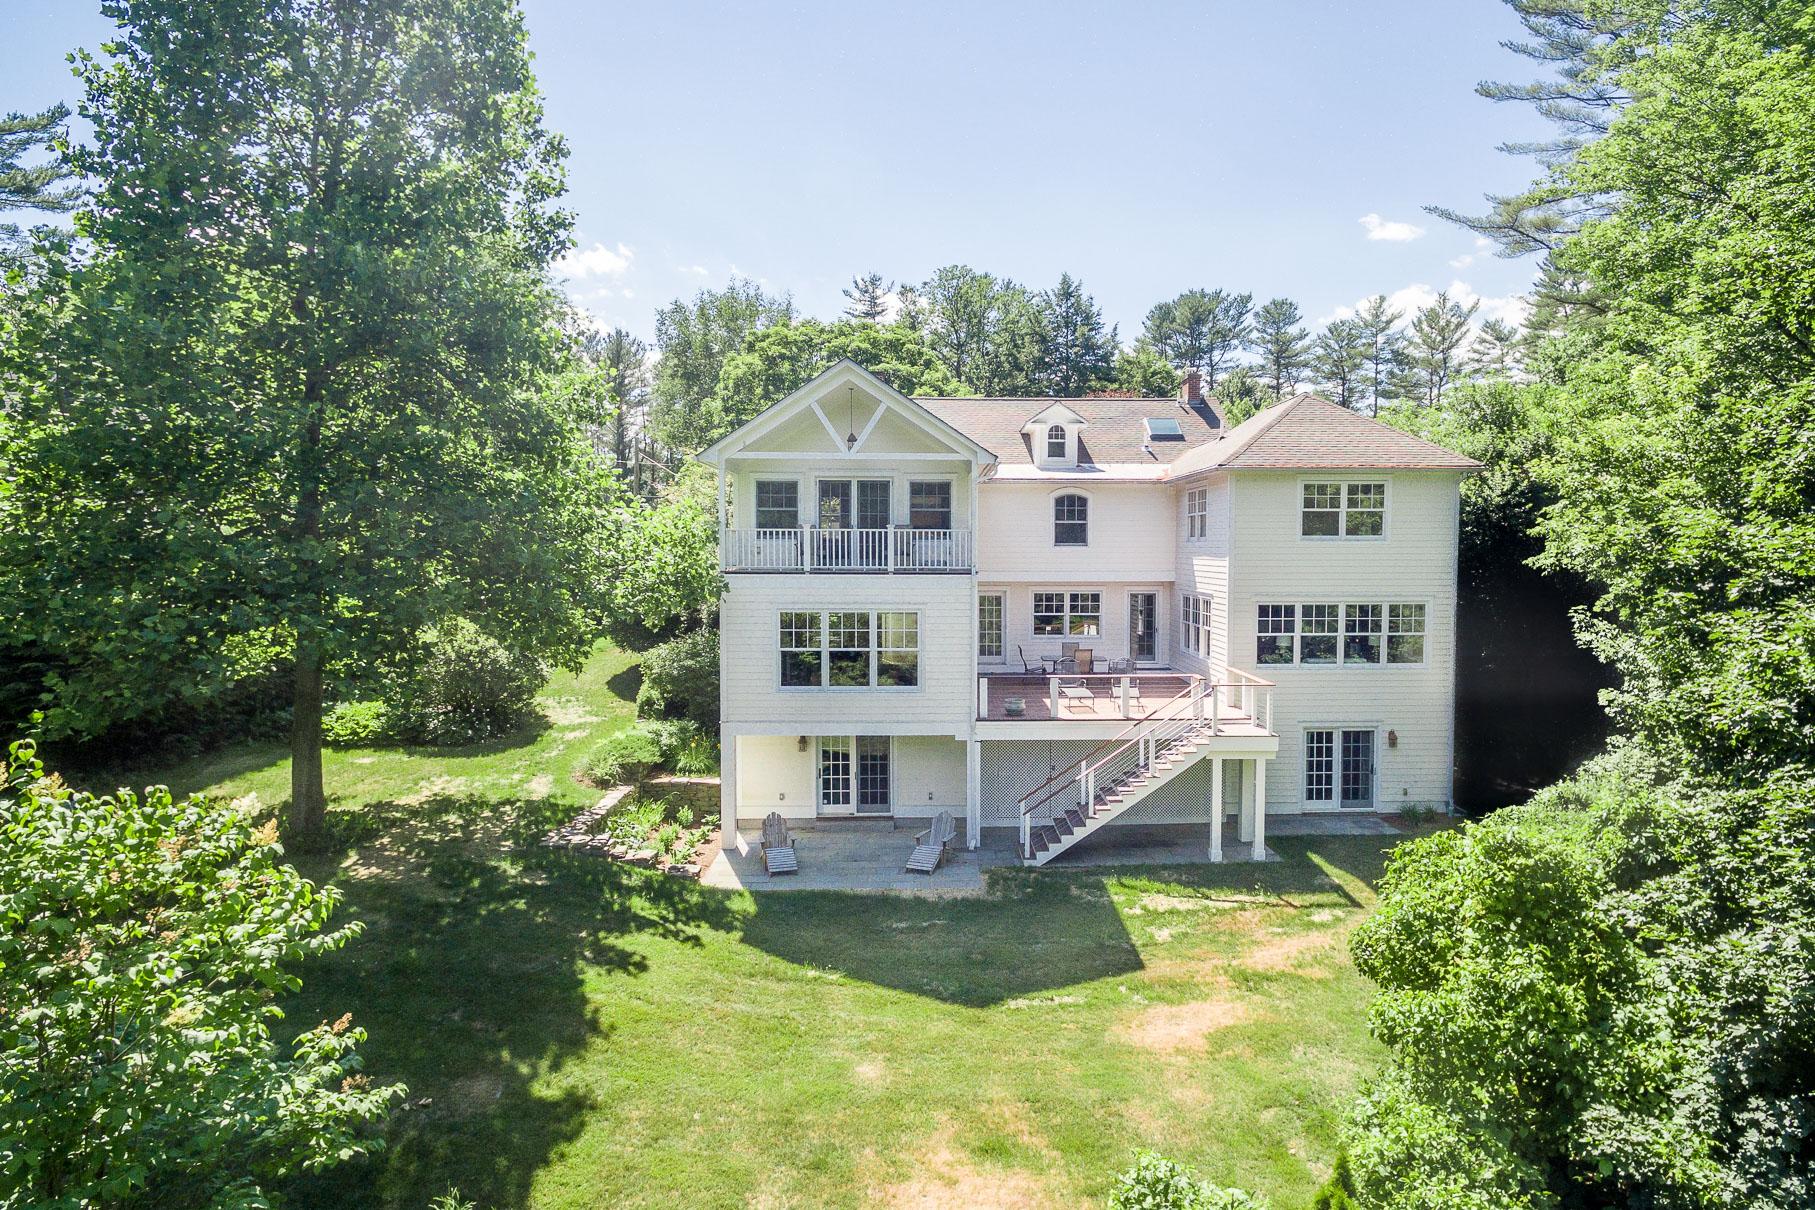 Maison unifamiliale pour l Vente à 11 Downing Rd, Hanover Hanover, New Hampshire, 03755 États-Unis